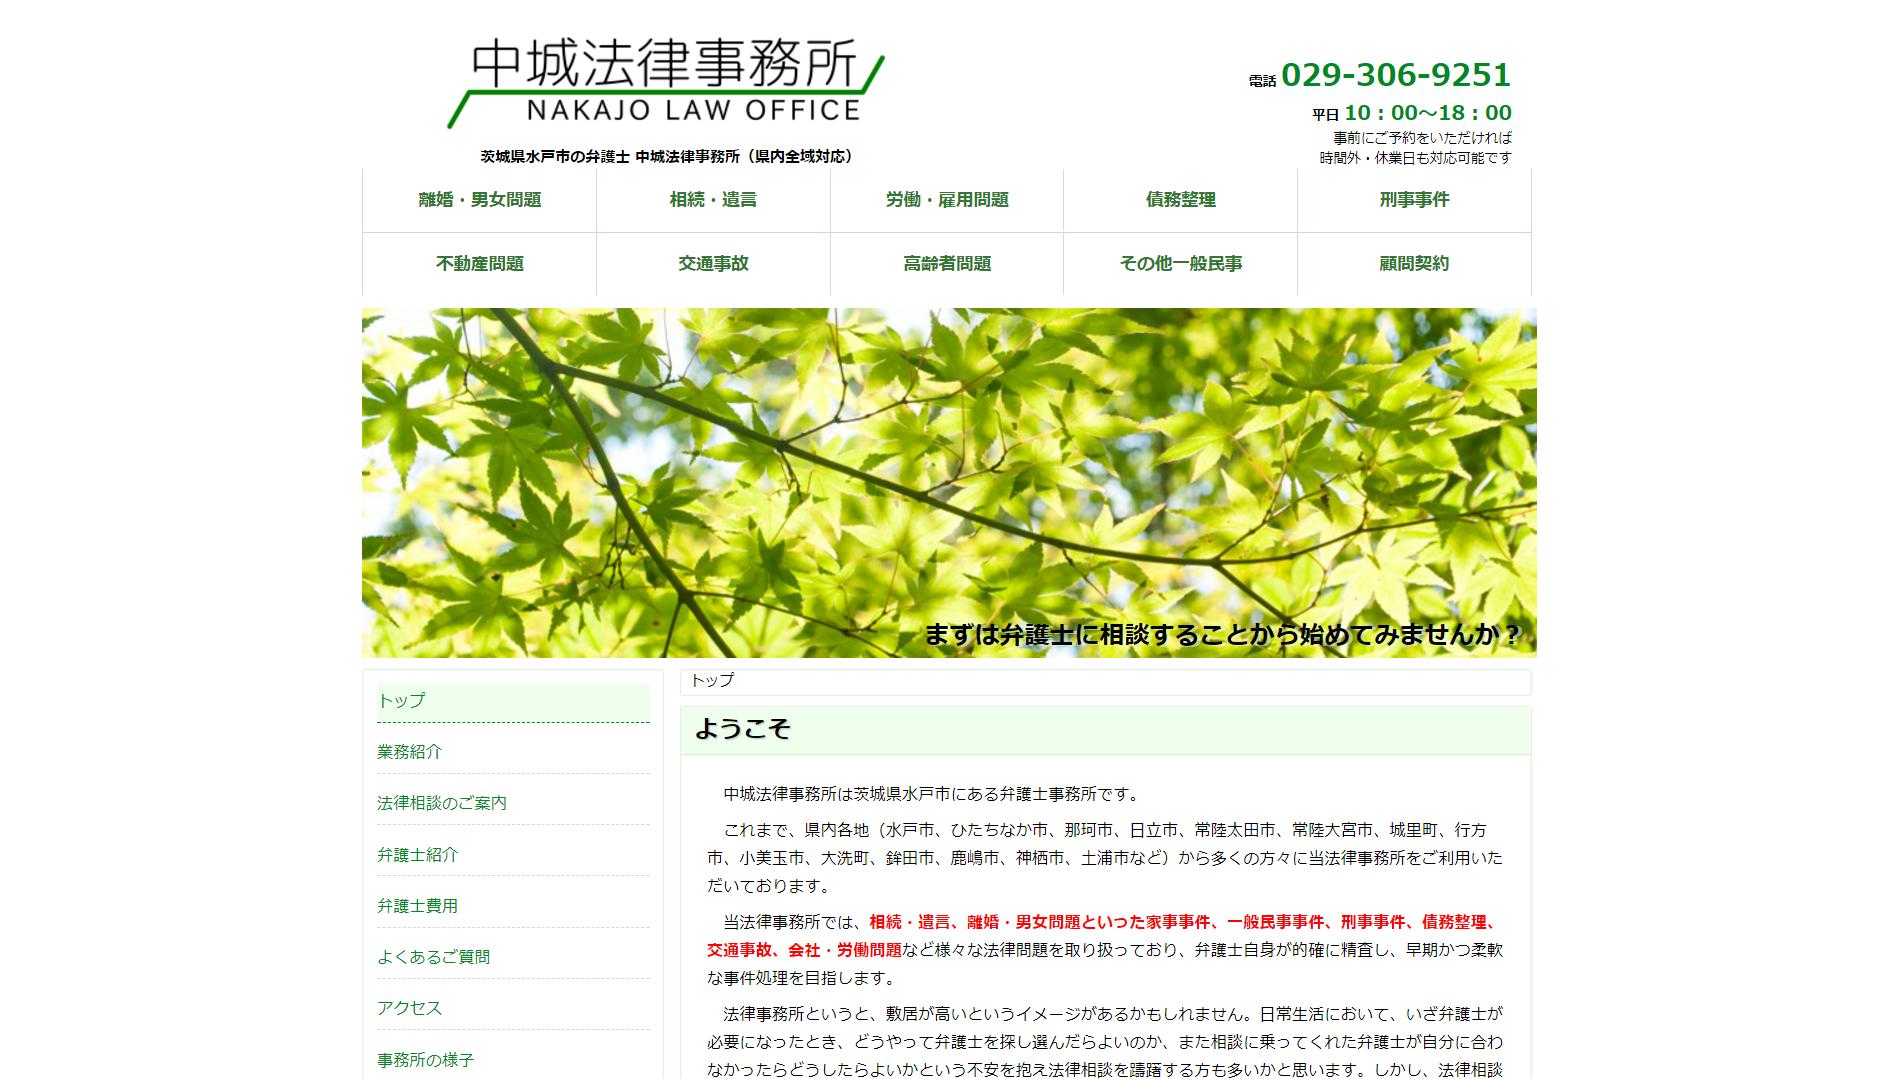 中城法律事務所(茨城県水戸市大町)